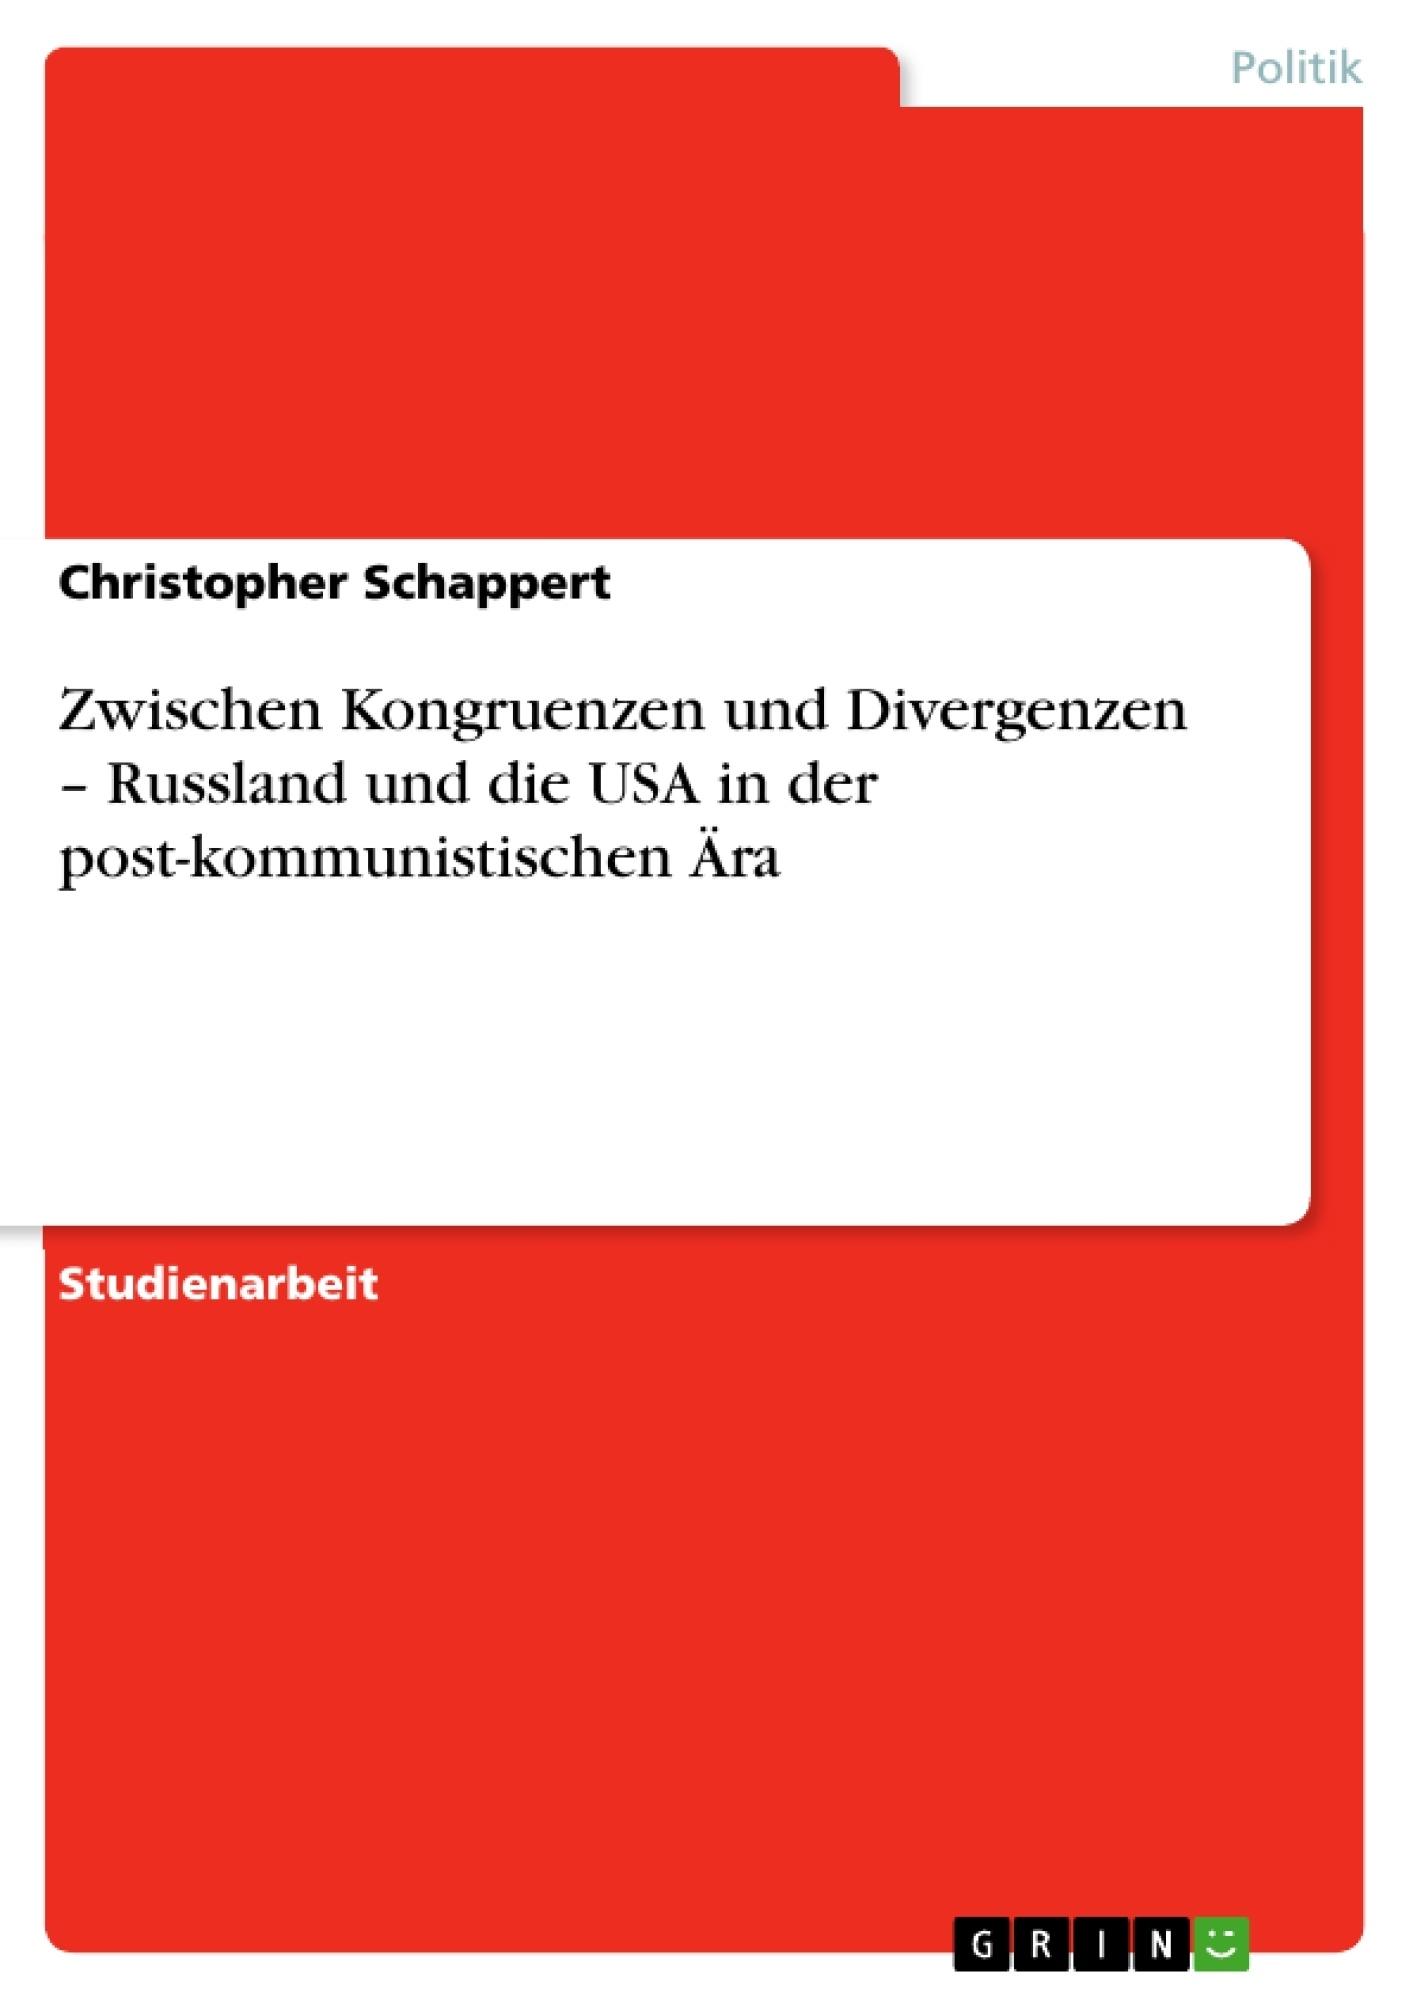 Titel: Zwischen Kongruenzen und Divergenzen – Russland und die USA in der post-kommunistischen Ära